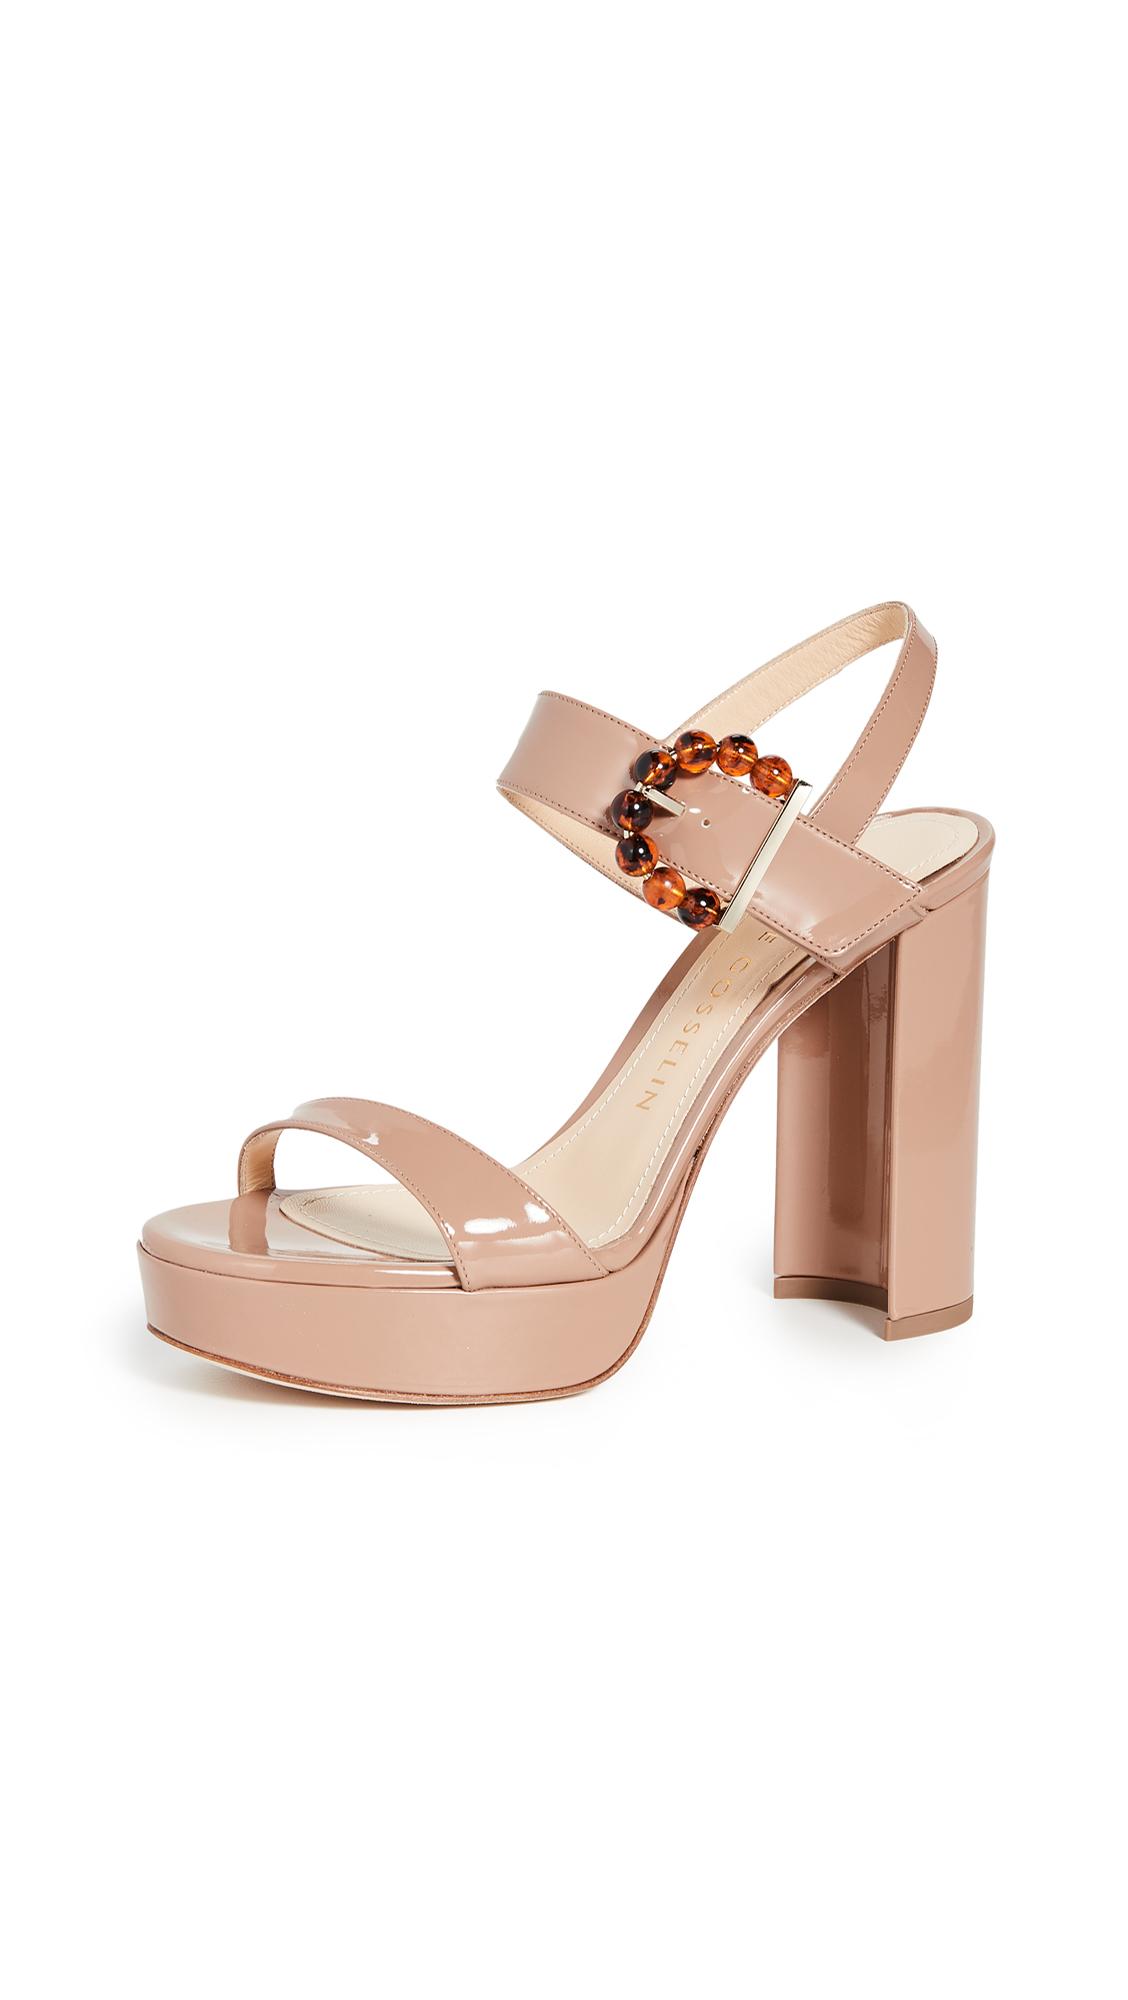 Buy Chloe Gosselin online - photo of Chloe Gosselin Tori 90mm Buckle Sandals